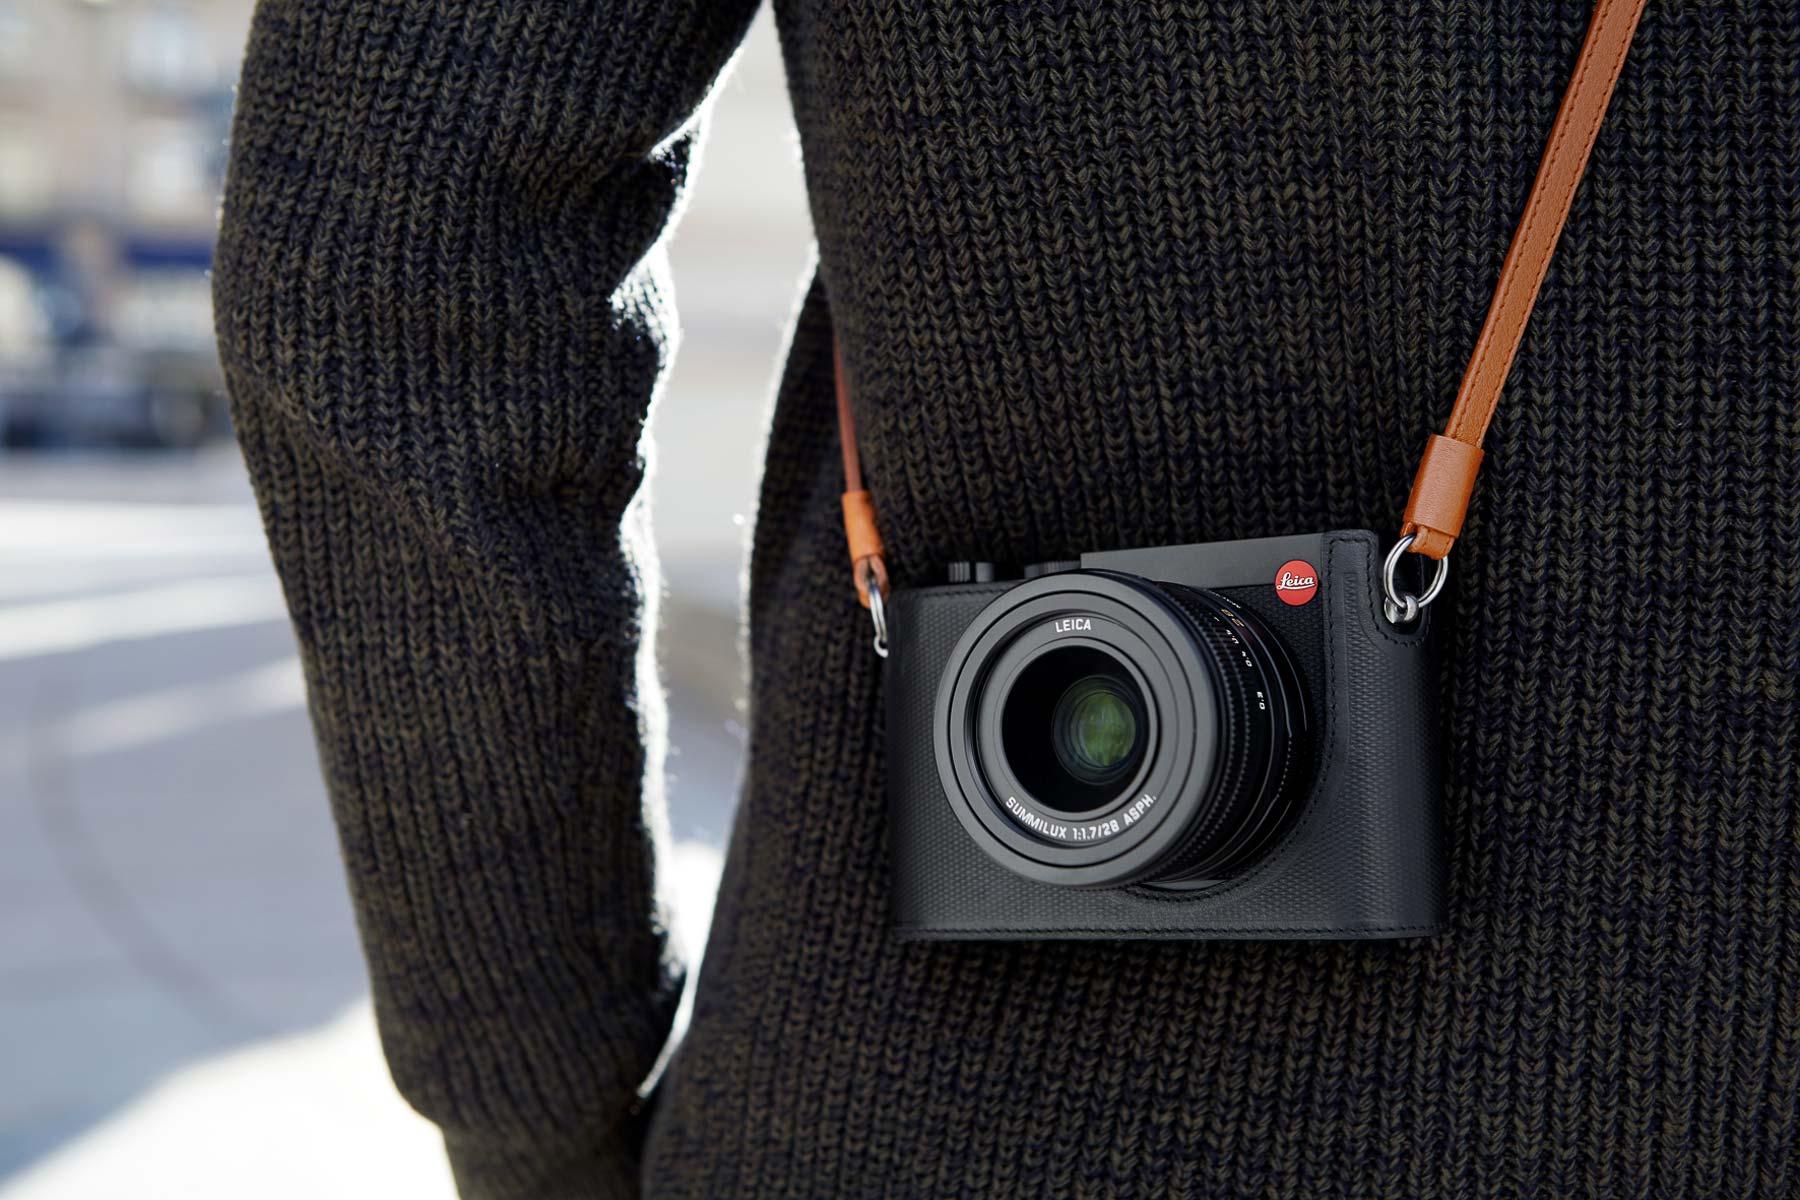 fotografare-con-una-leica-non-ha-prezzo